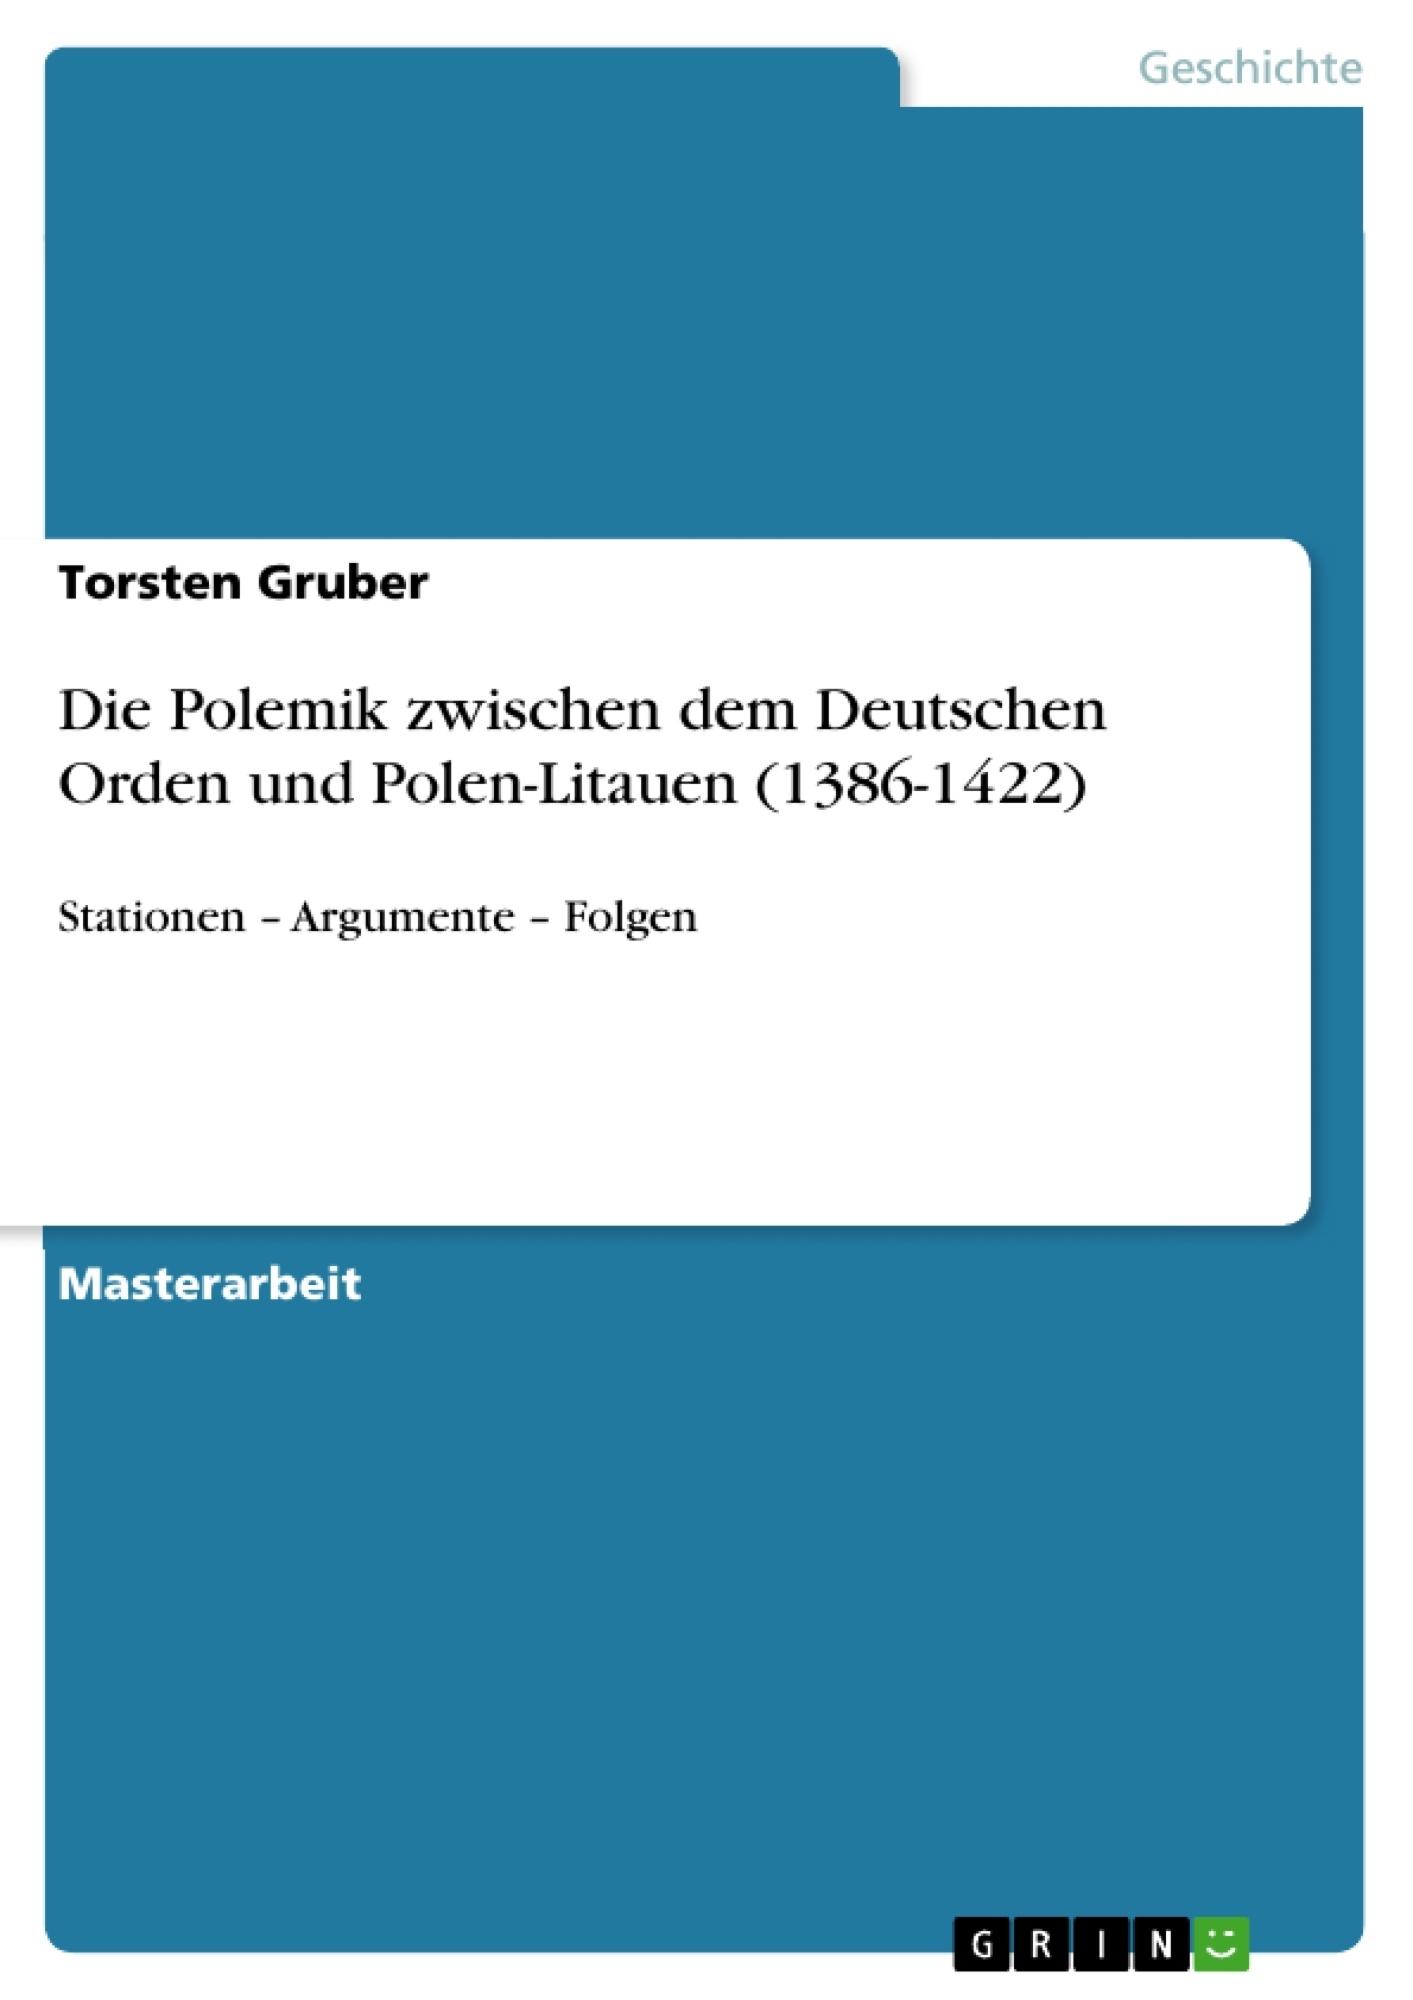 Titel: Die Polemik zwischen dem Deutschen Orden und Polen-Litauen (1386-1422)